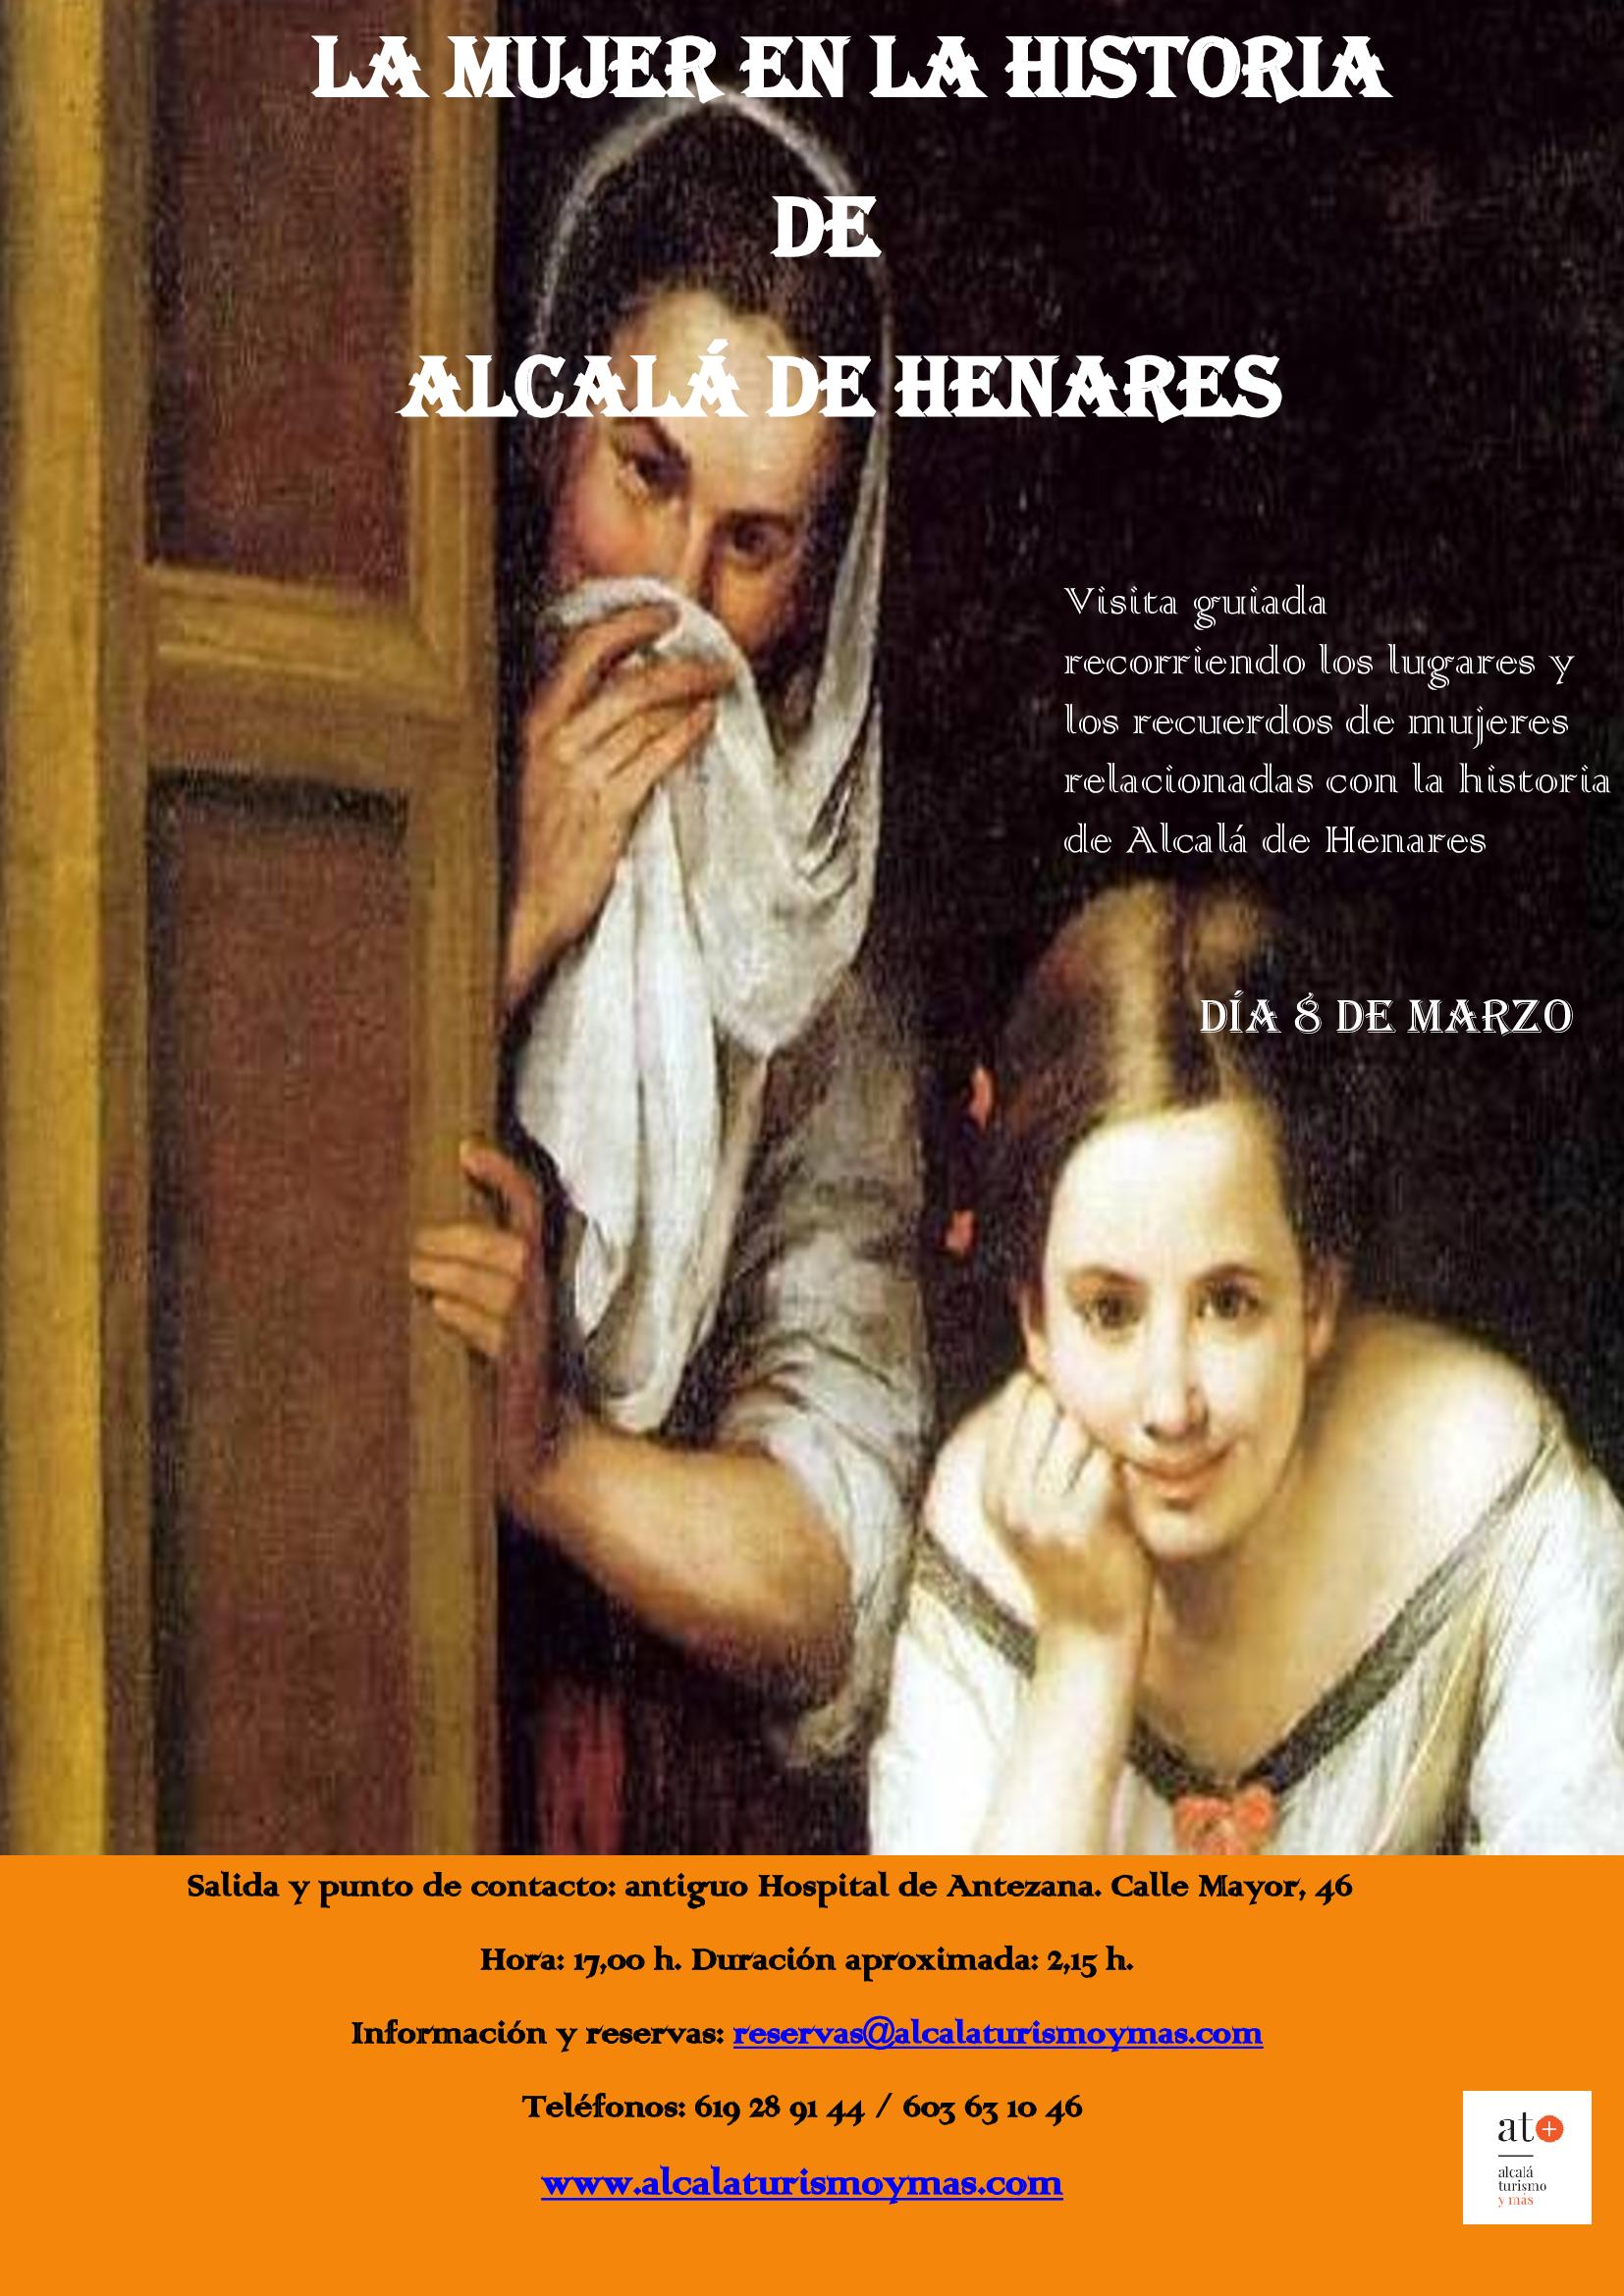 """8 de marzo. Visita guiada """"La mujer en la historia de Alcalá de Henares"""""""